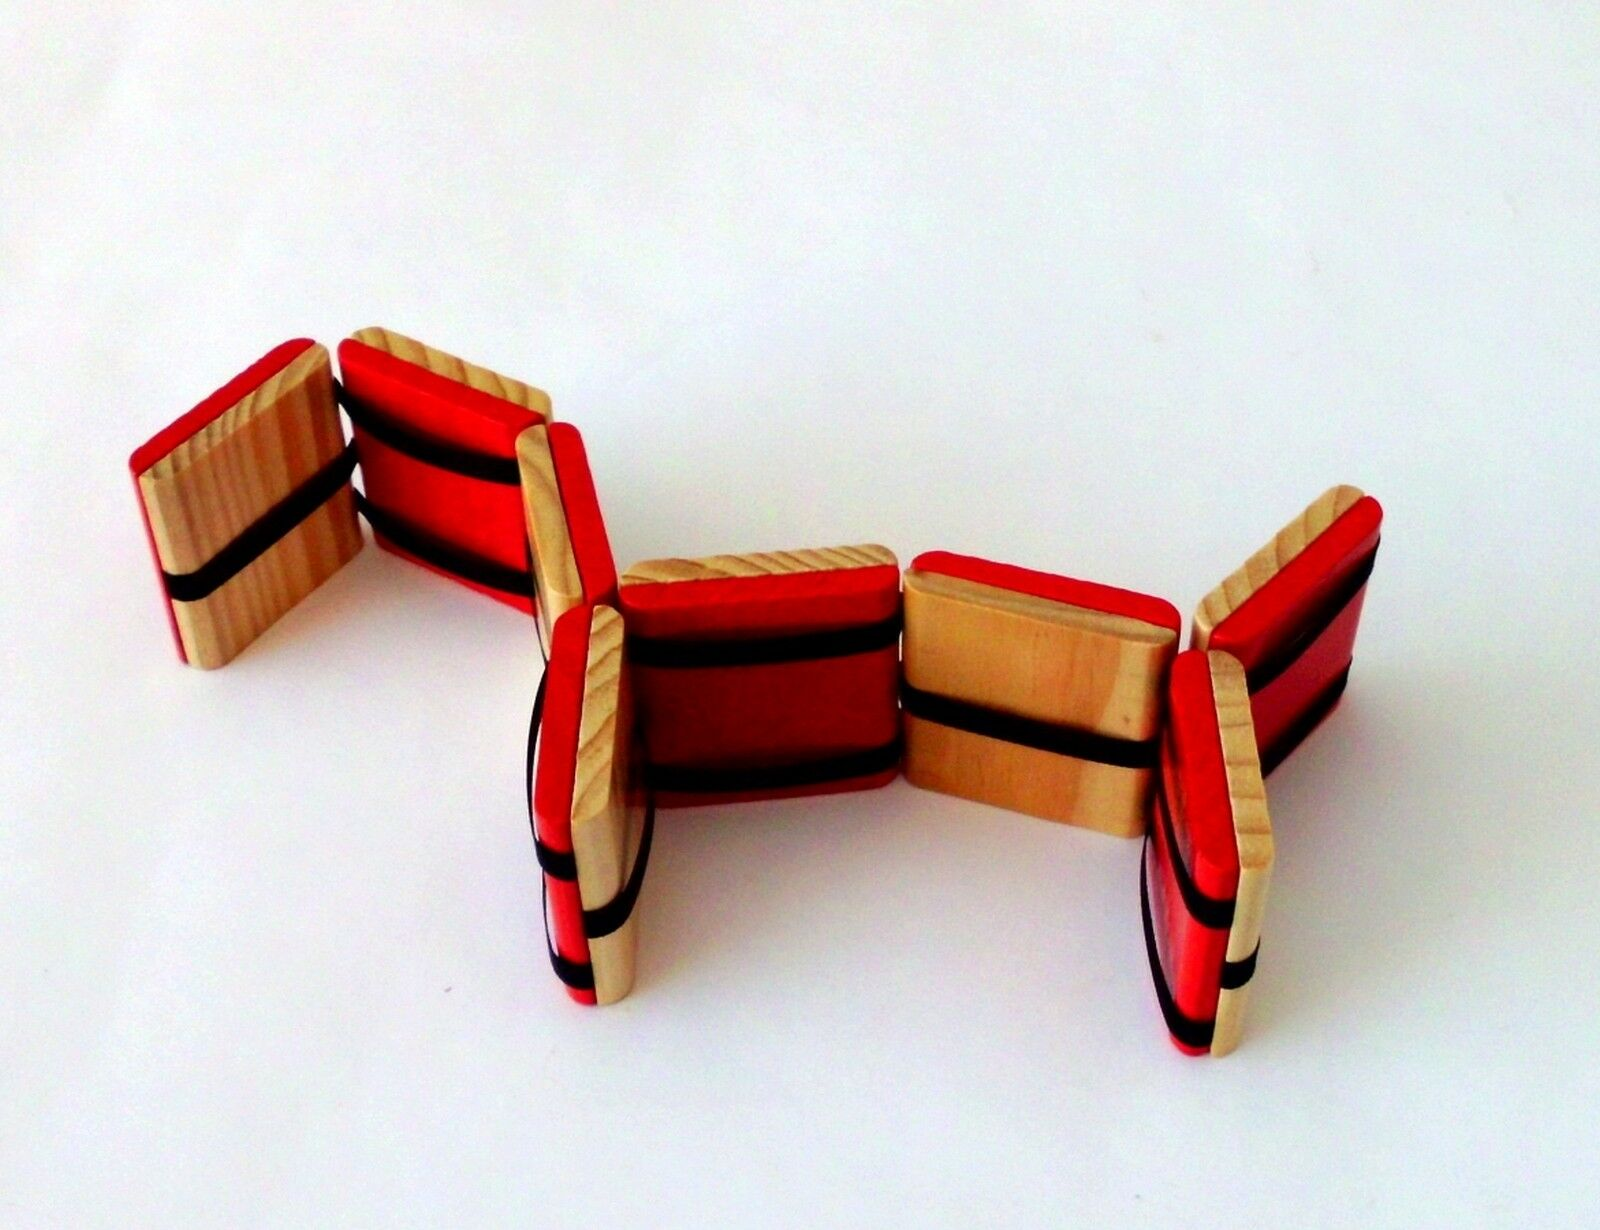 Holzspielzeug 1 Stück Zauberklapperschlange aus Holz 9773w. Motorikspielzeug